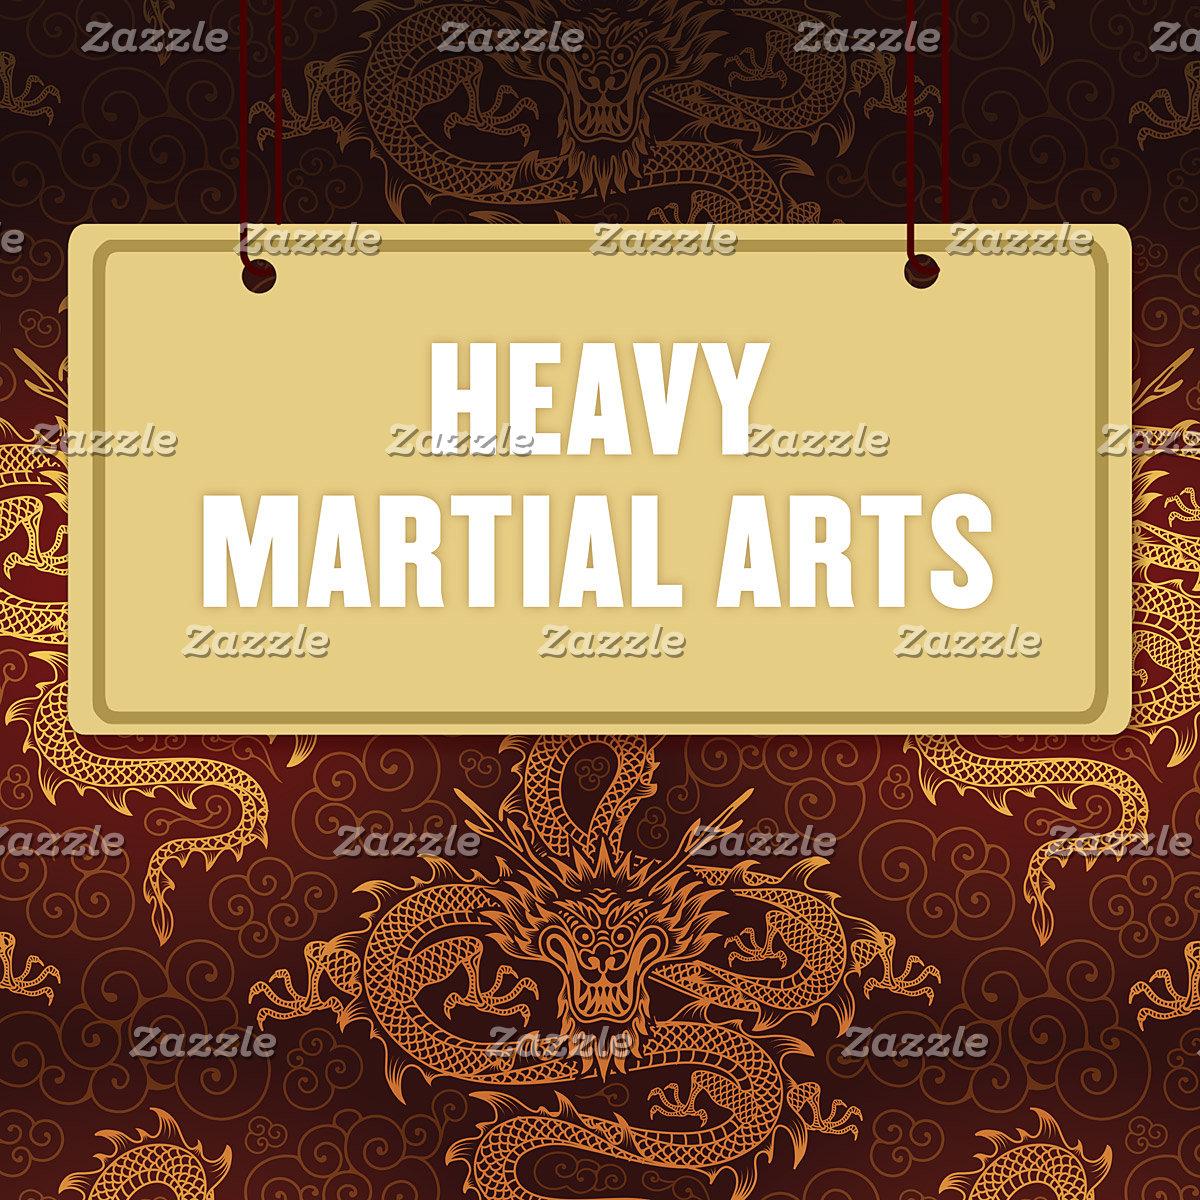 Heavy Martial Arts